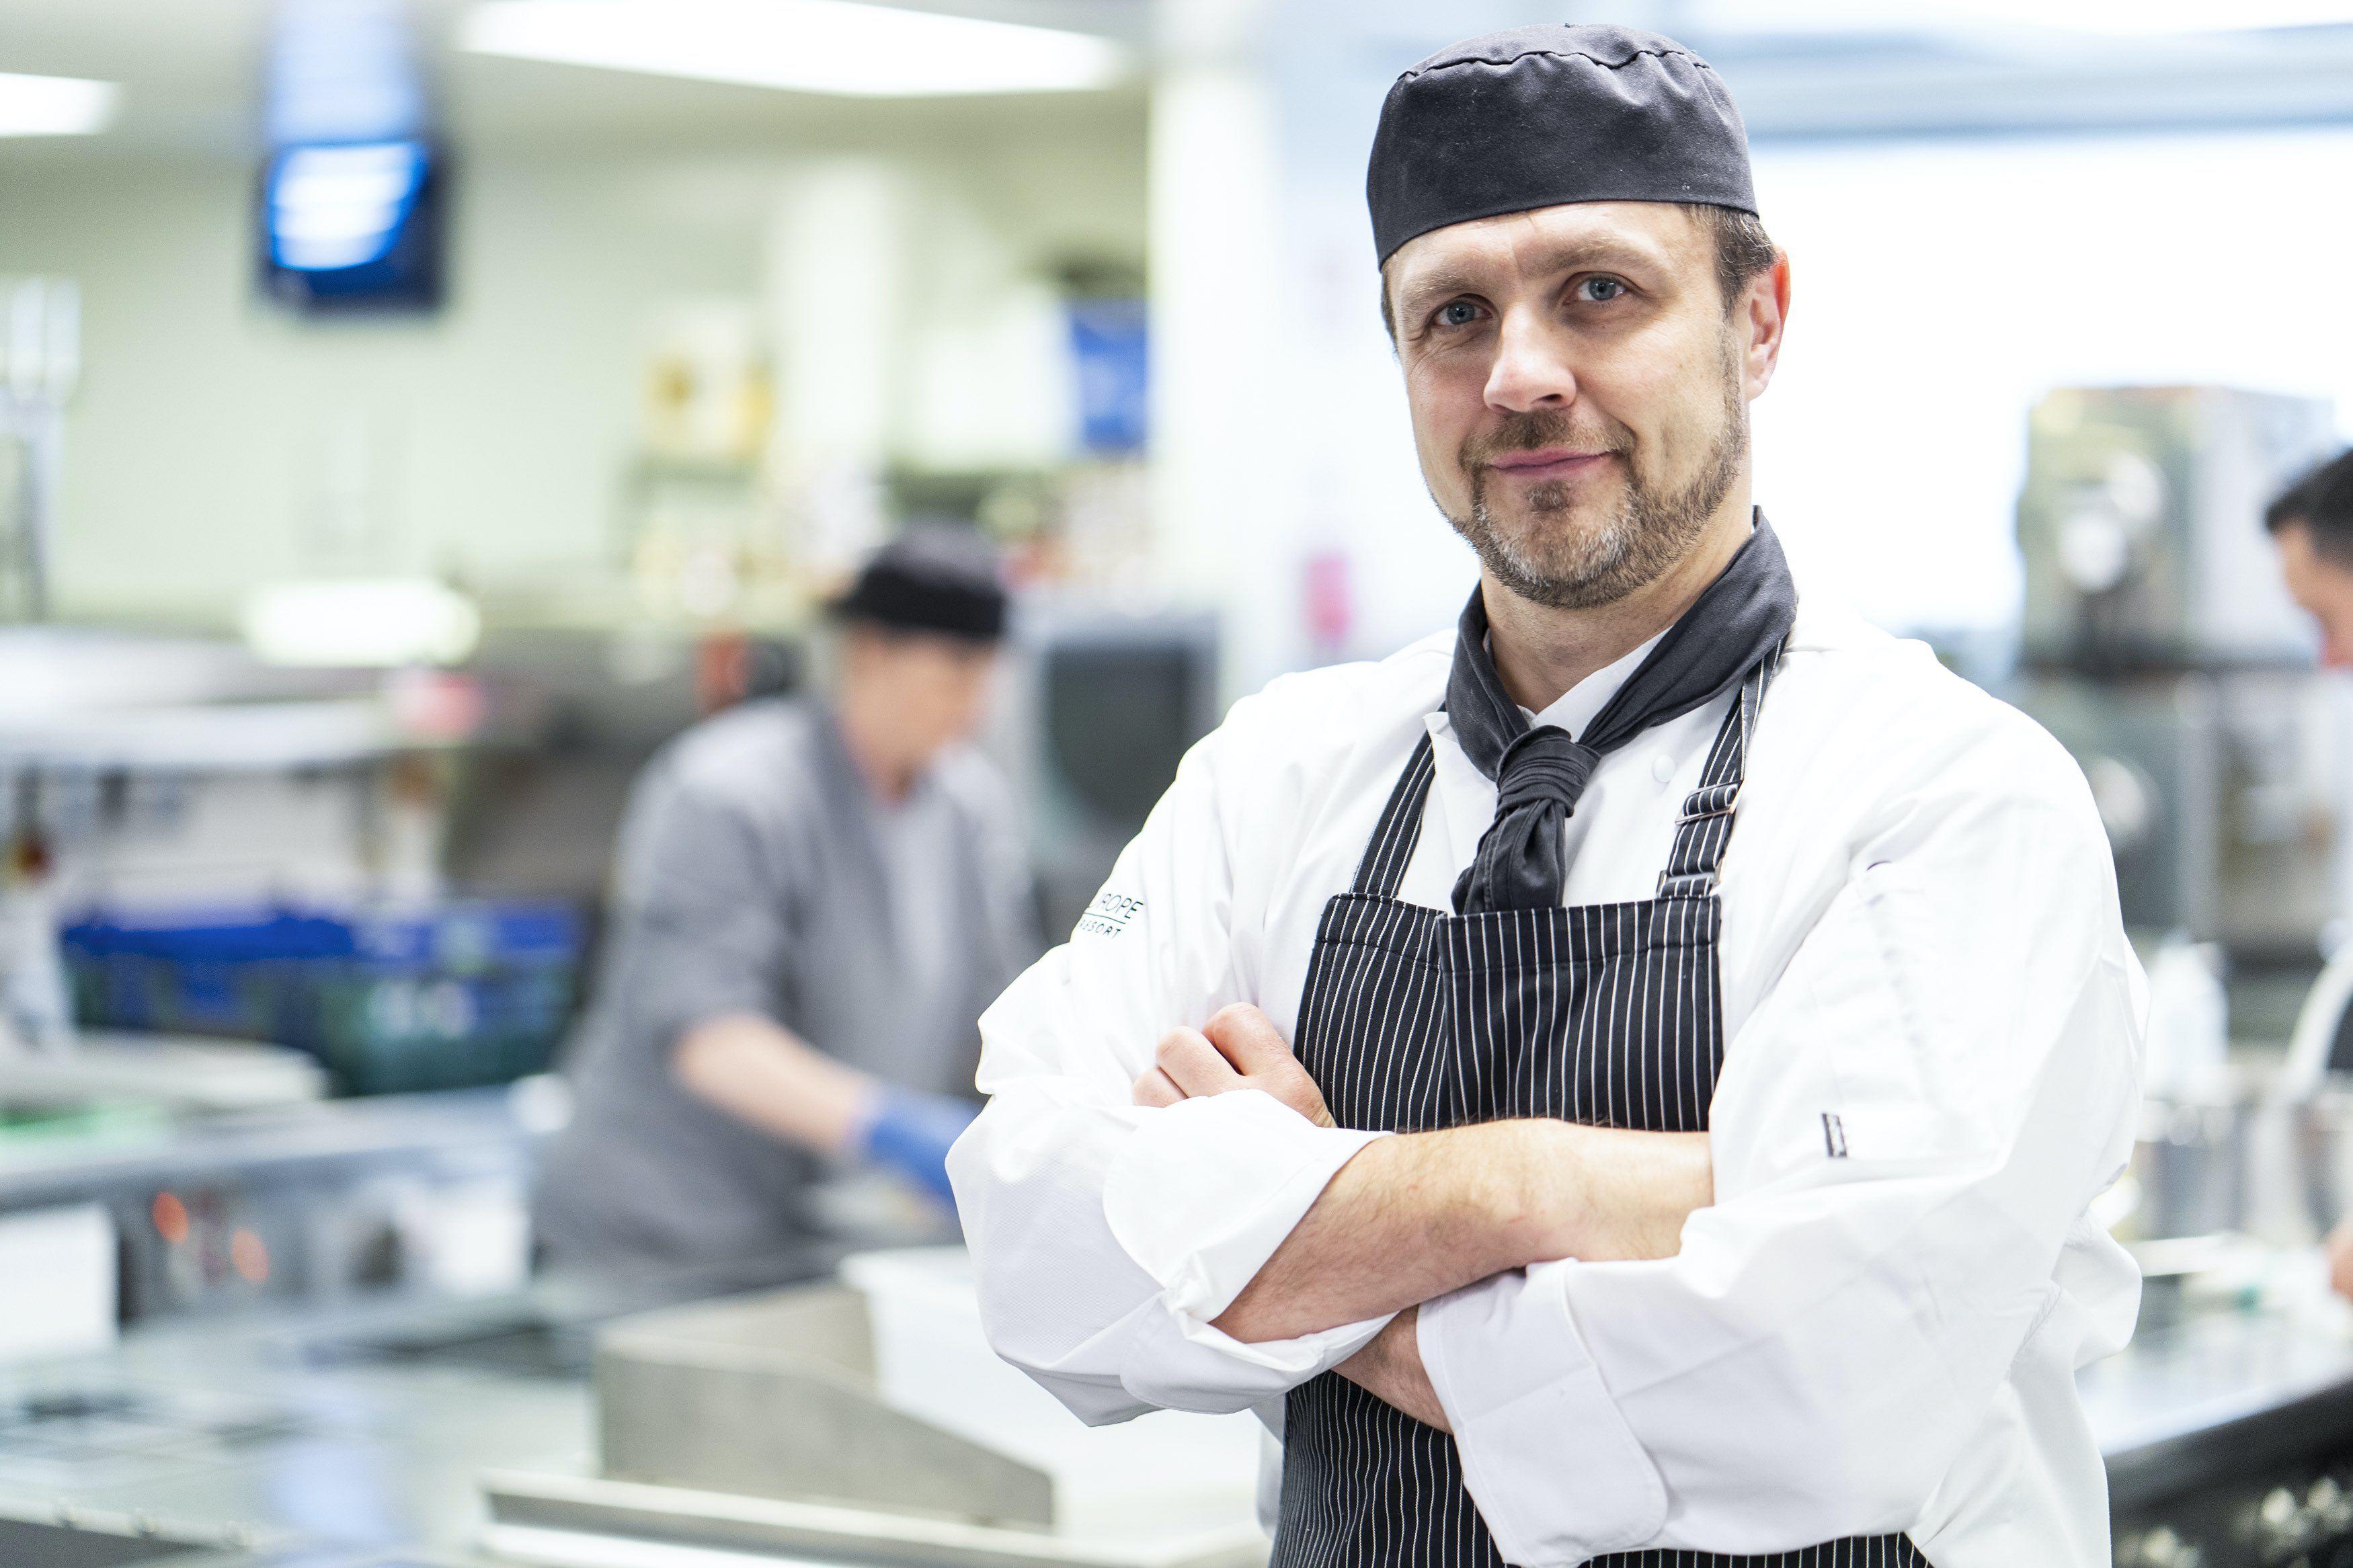 Head chef Alex Nahke